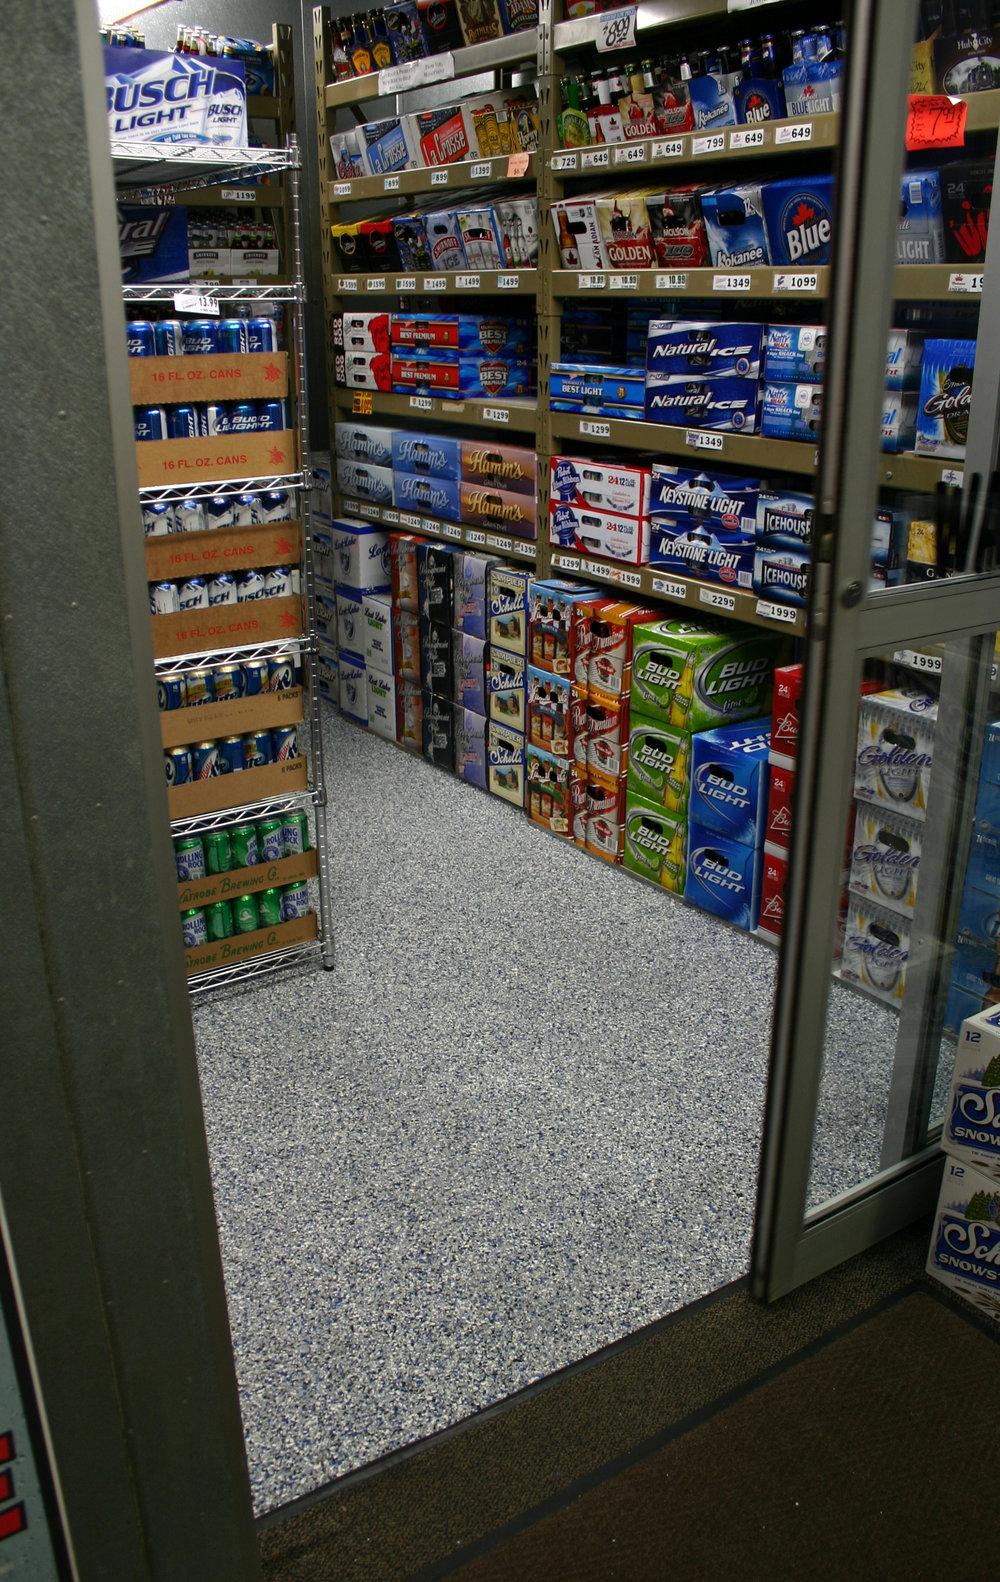 liquor store floor gravel.jpg